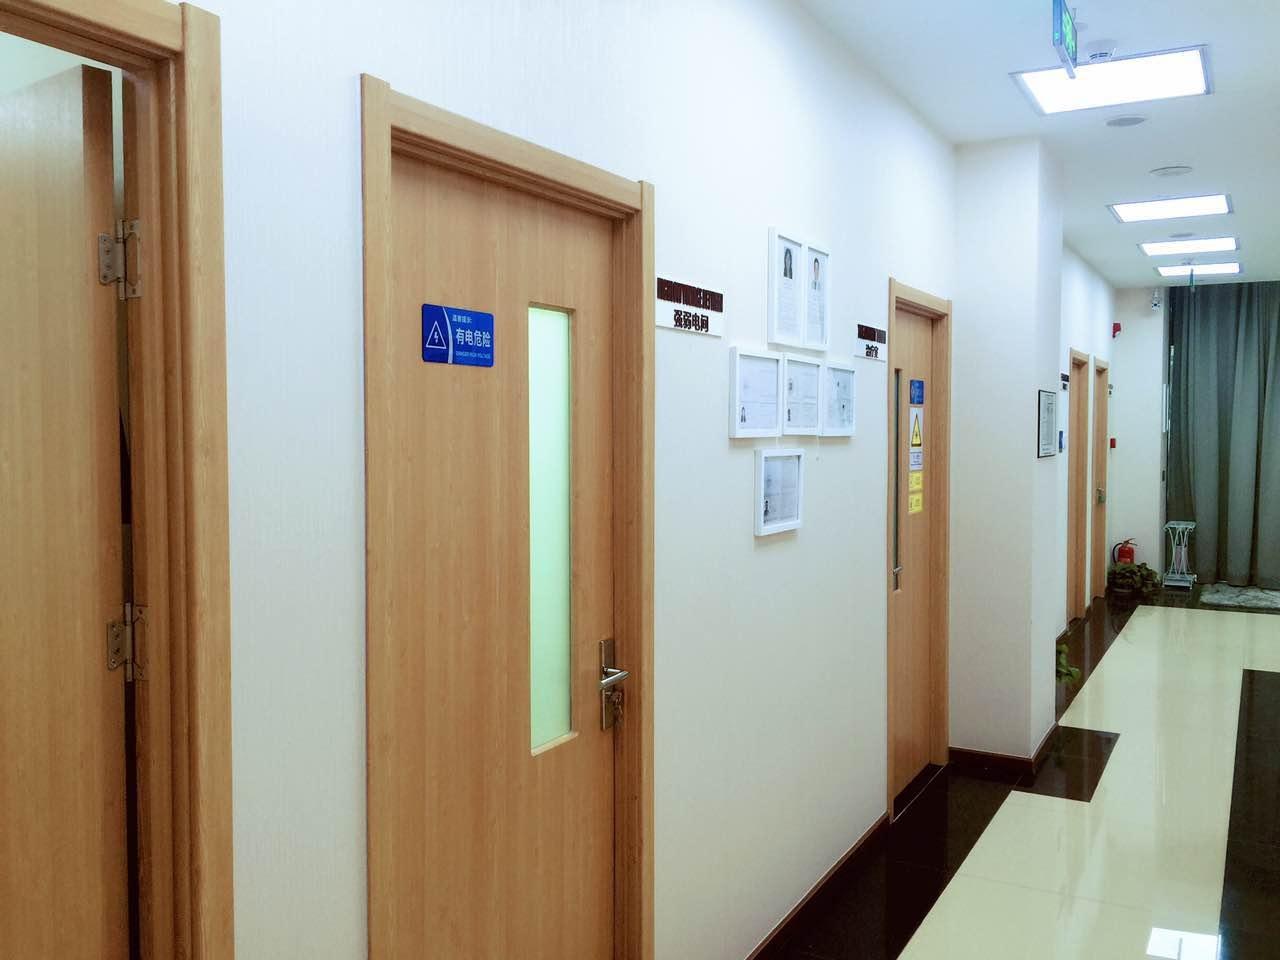 北京蜜邦医疗美容诊所环境图5